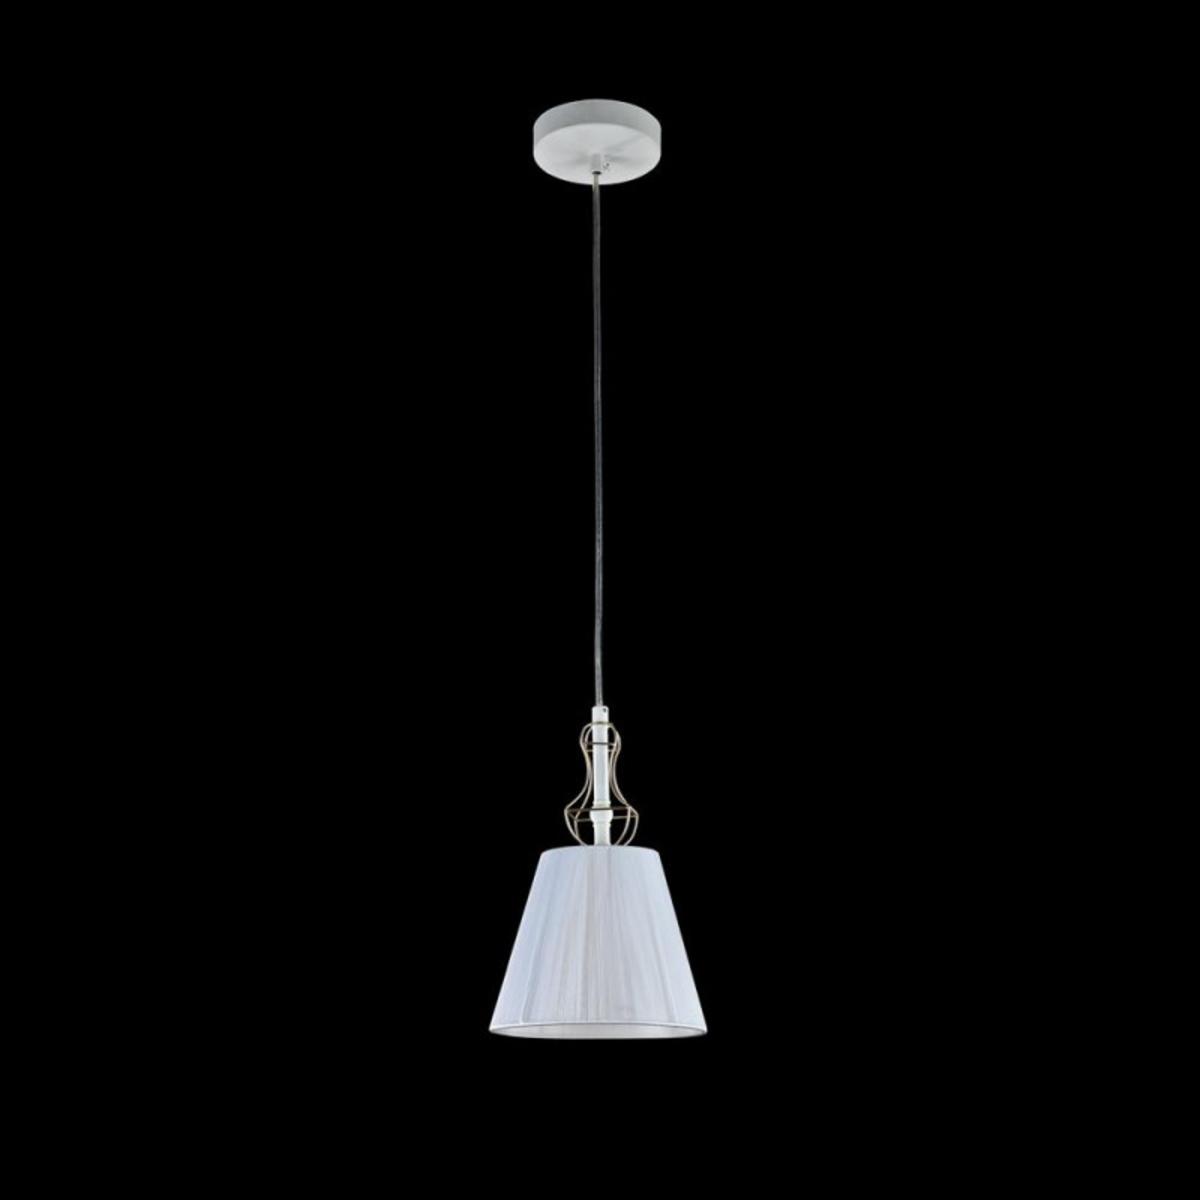 Купить Подвесной светильник House+ARM709 ARM709-PL-01-W, HomeMe